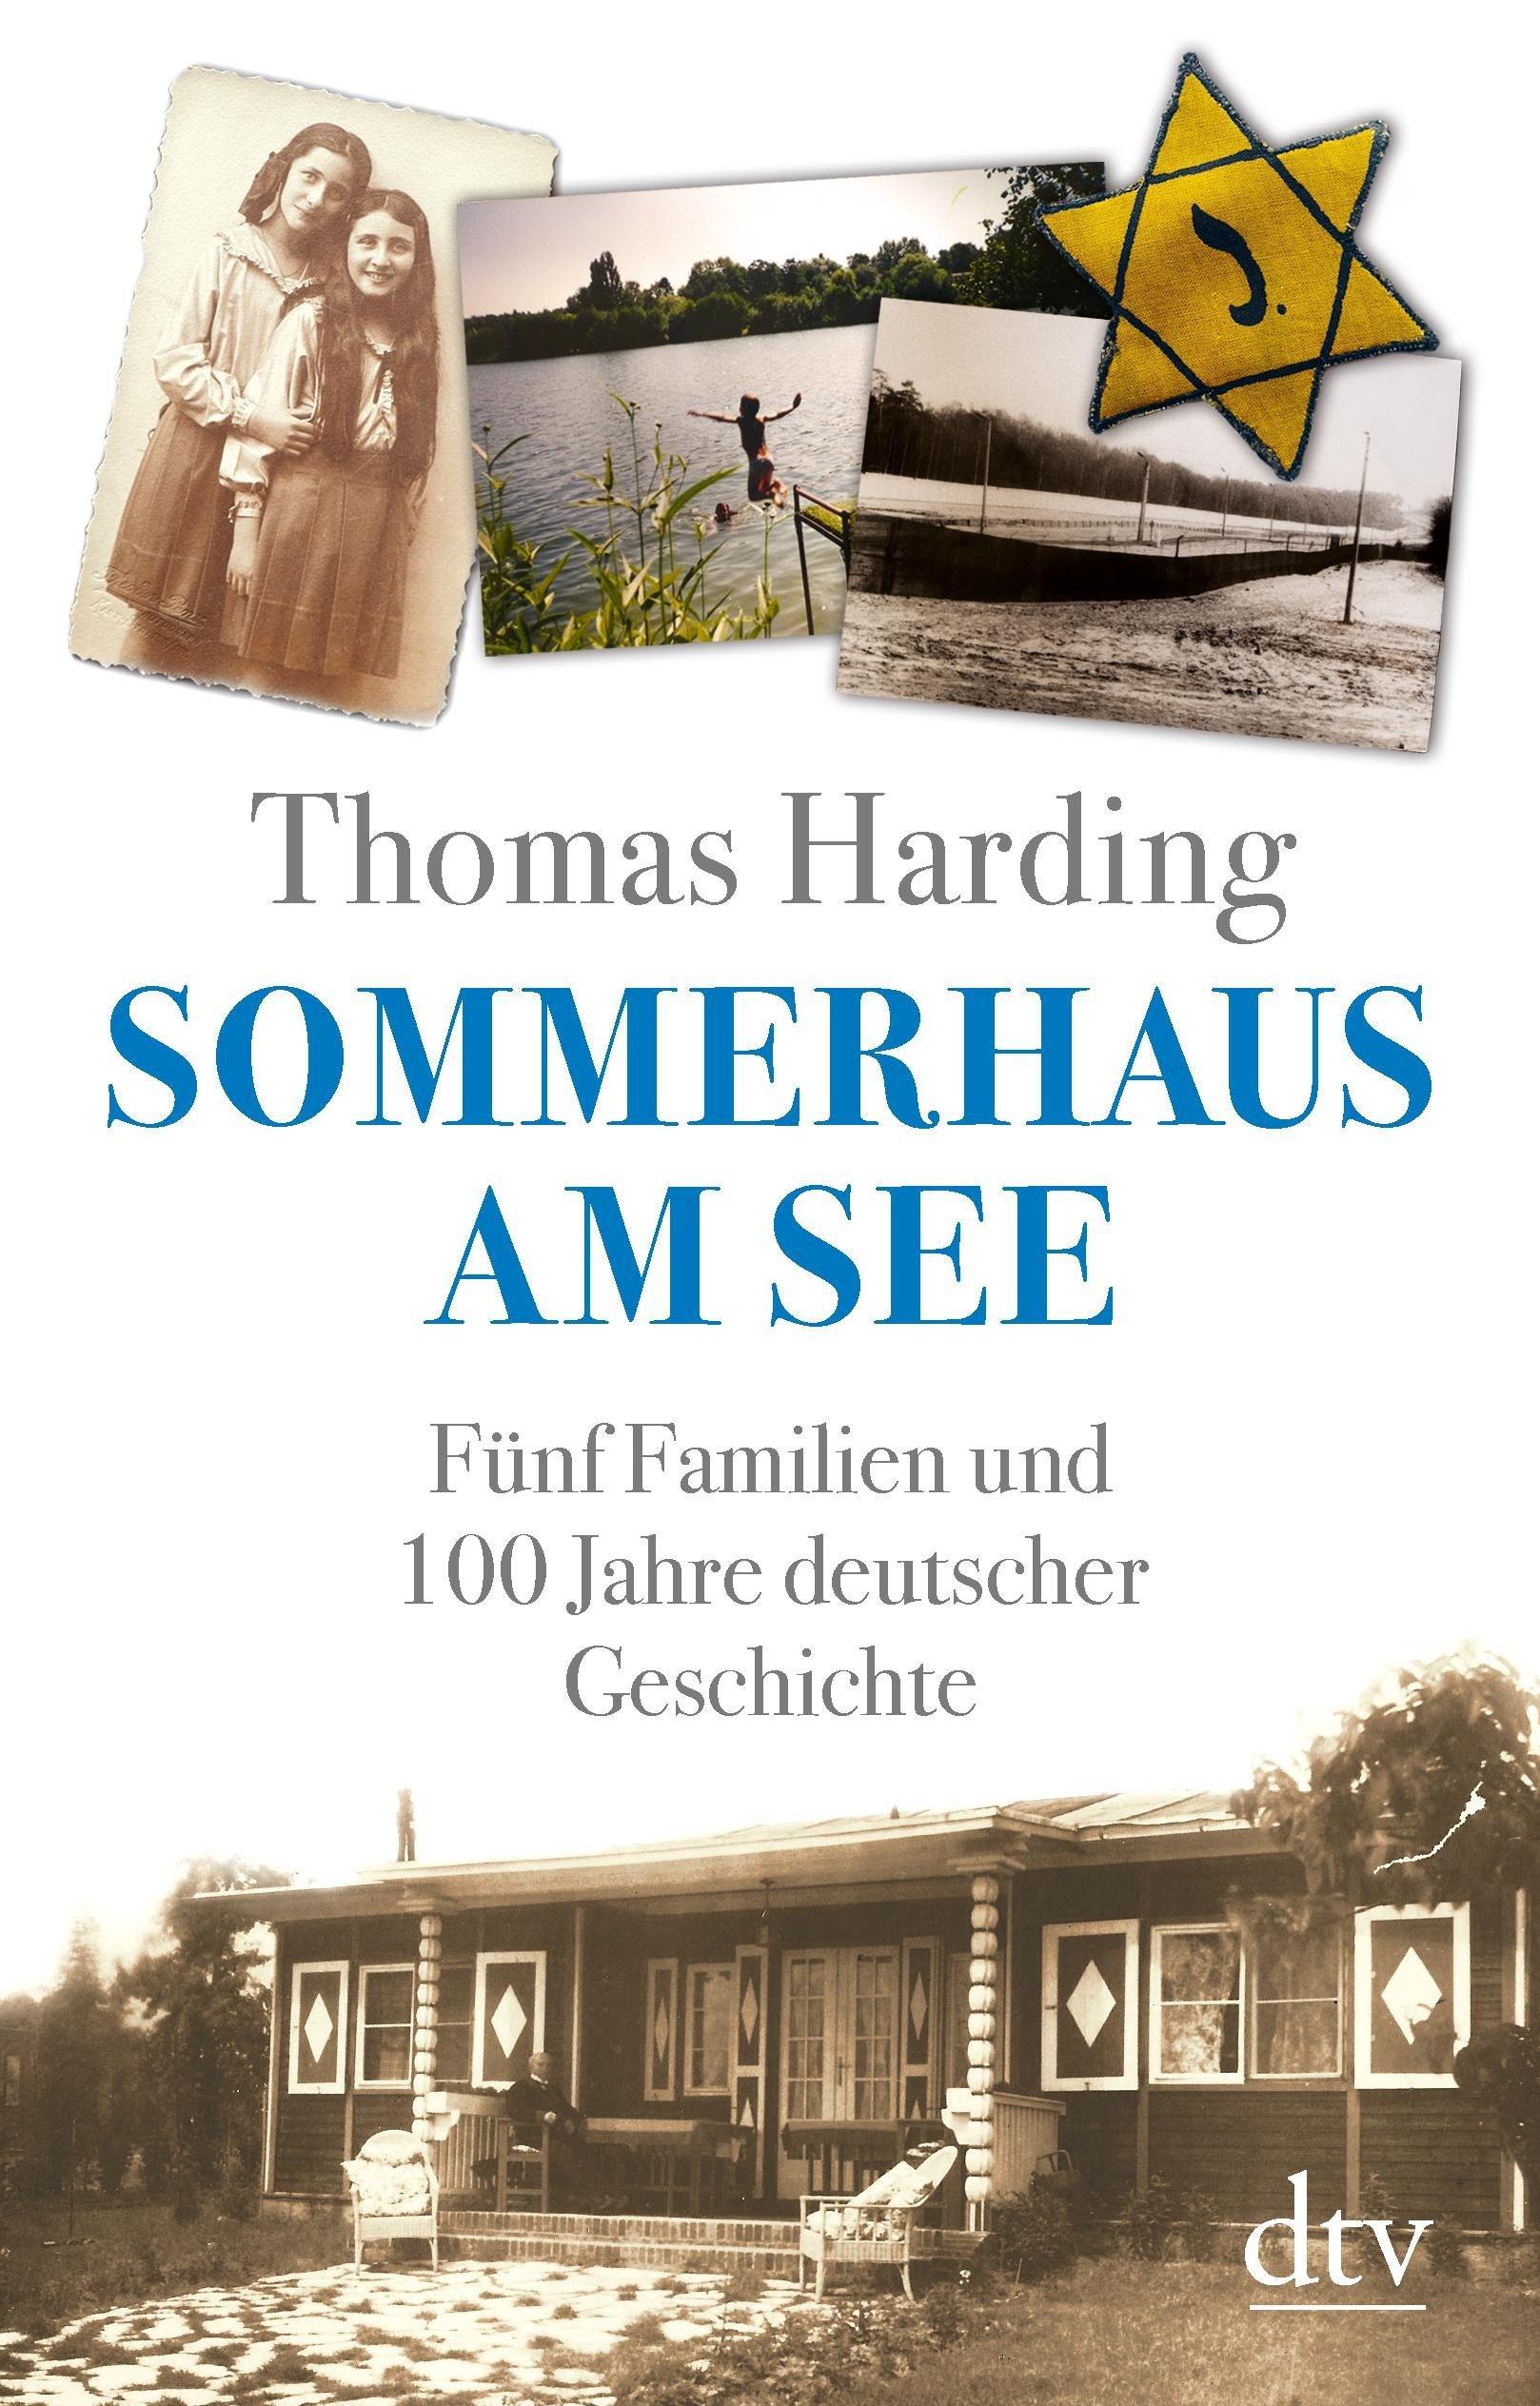 sommerhaus am see f nf familien und 100 jahre deutscher geschichte unter der lupe. Black Bedroom Furniture Sets. Home Design Ideas